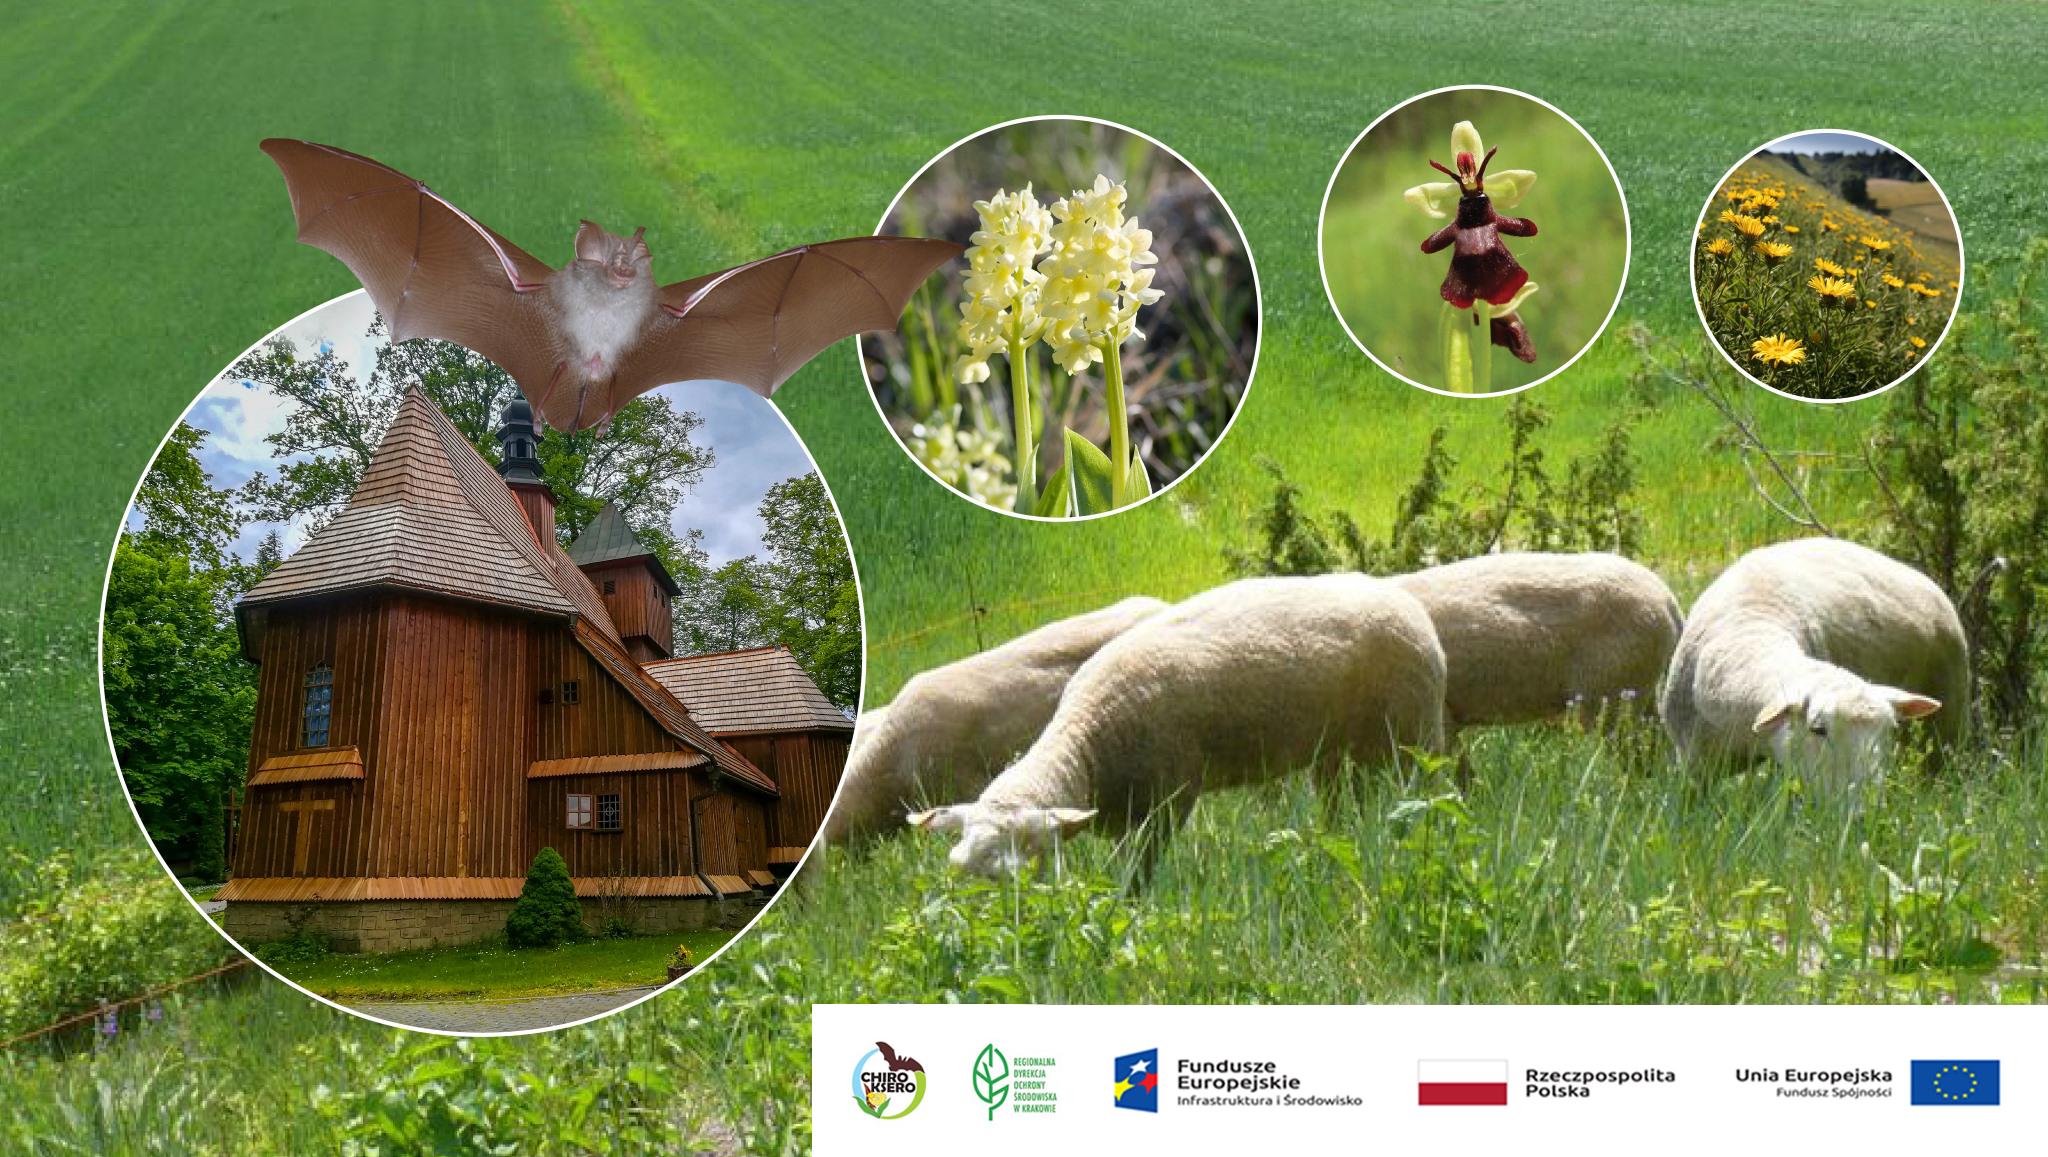 baner RDOS Kraków przedtawiający rosline, kościół drewniany i owce na łące